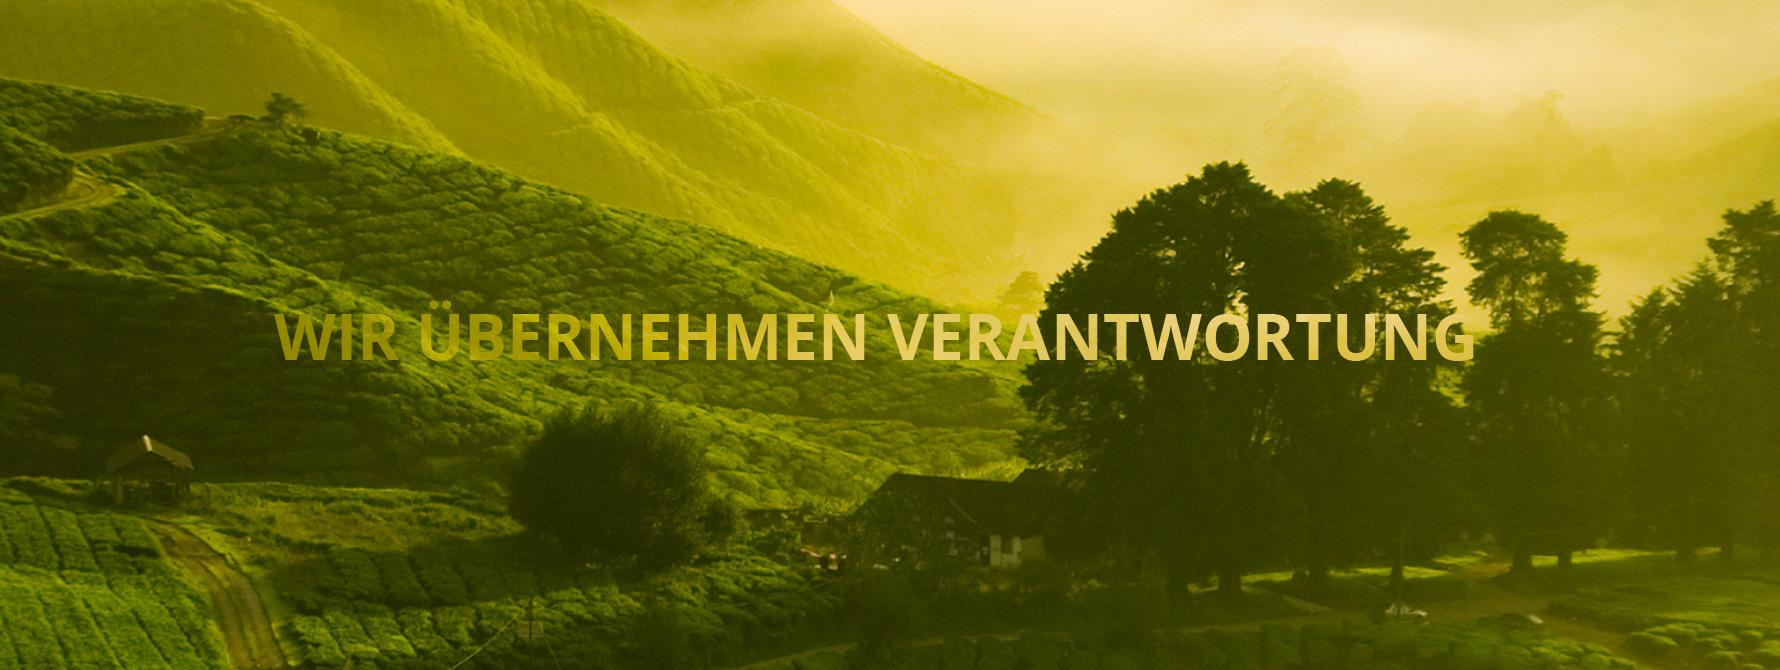 Dauphin_Marke_davea_nachhaltigkeit